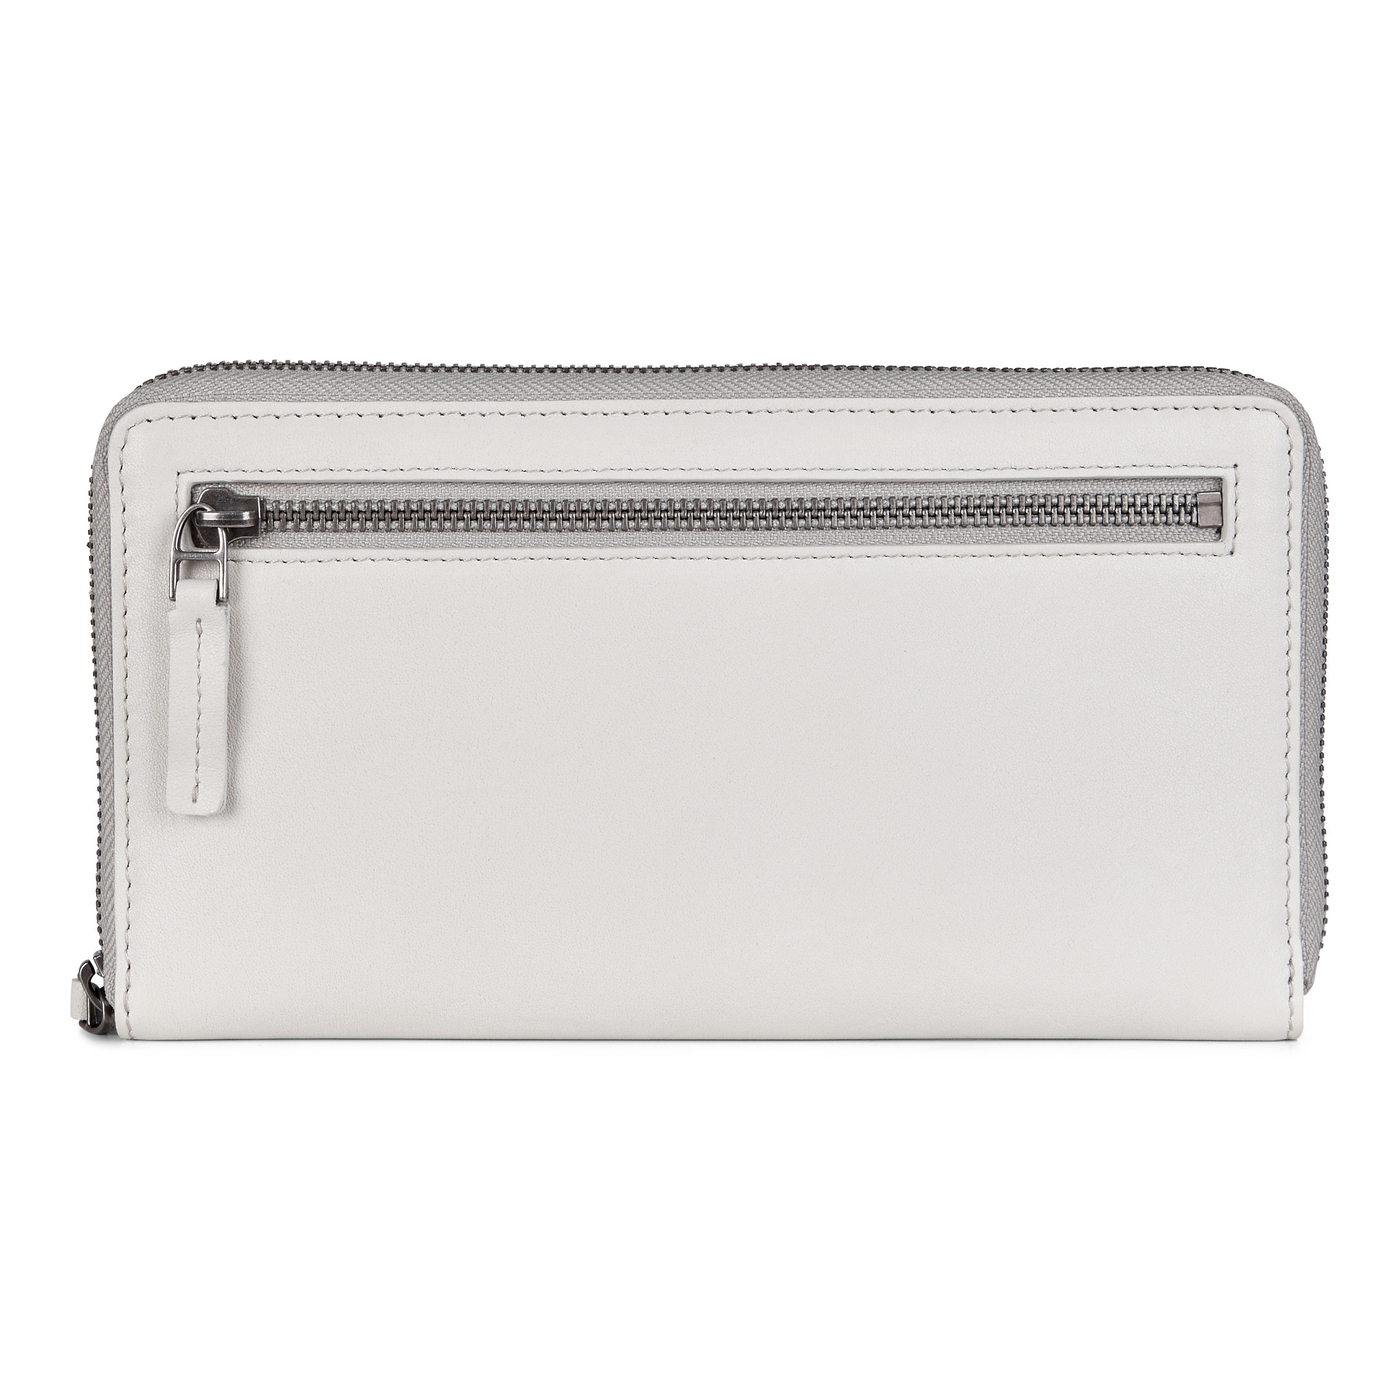 ECCO Casper Travel Wallet